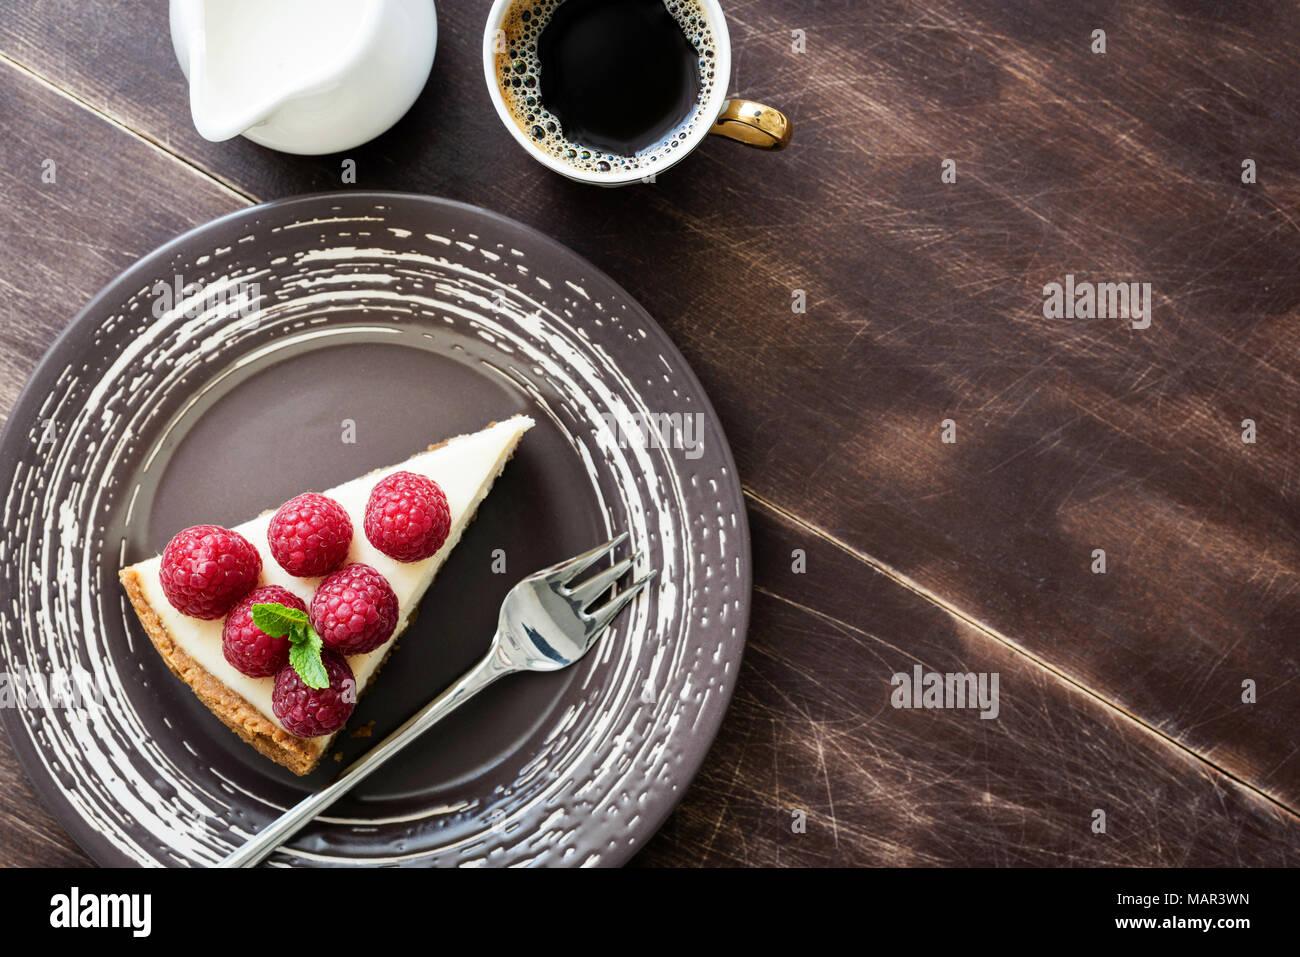 Vista superiore cheesecake con lamponi, una tazza di caffè e crema su legno. Copia spazio per il testo Immagini Stock